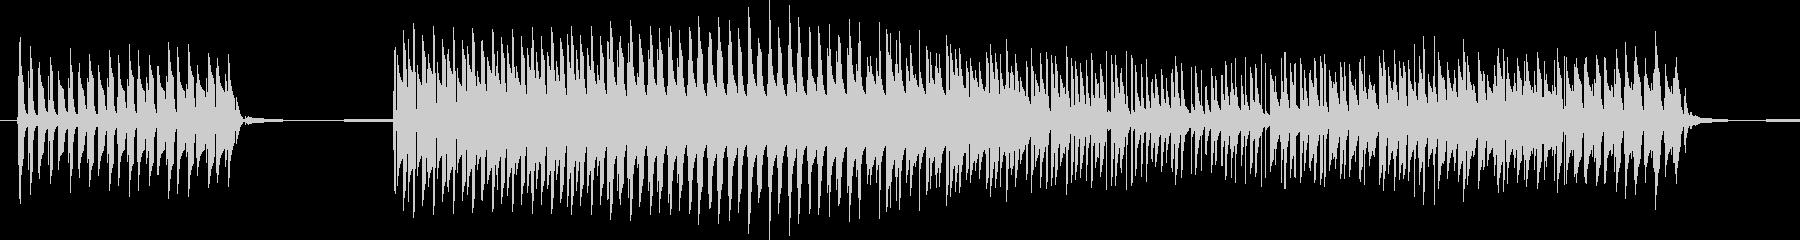 【クイズ】勢いのある不正解音「ブッブー」の未再生の波形